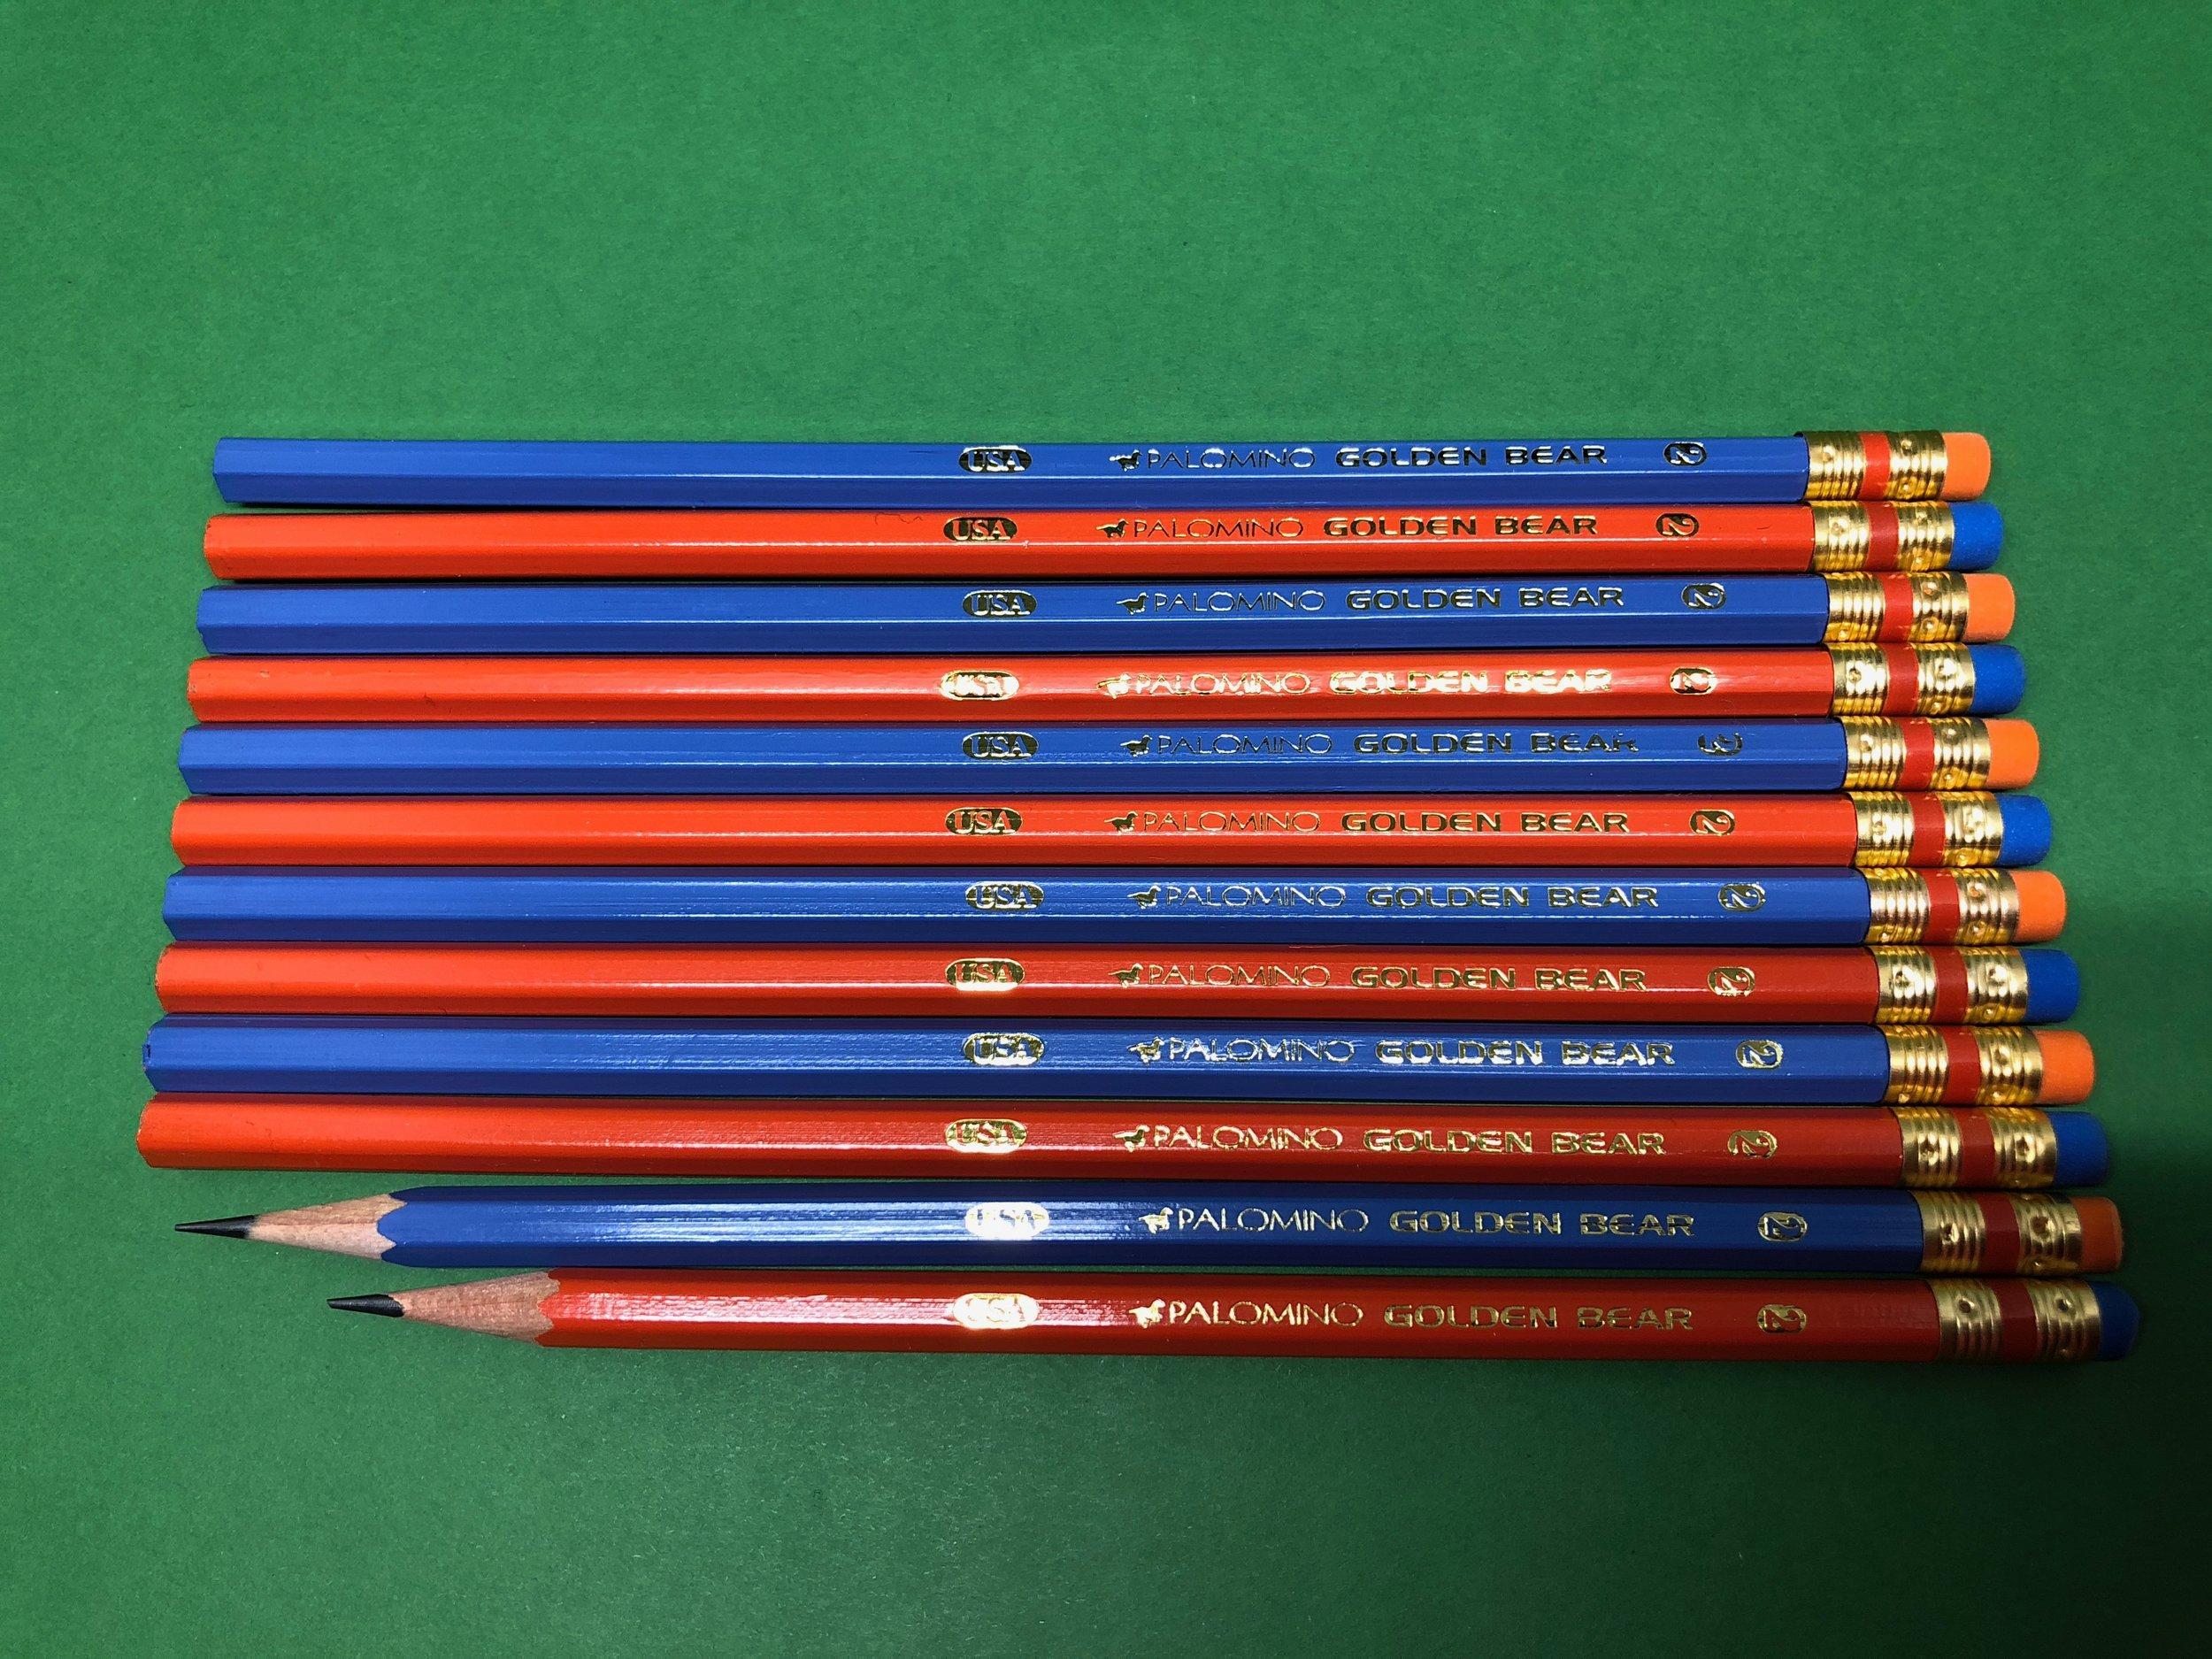 palomino-golden-bear-pencil-1.jpg